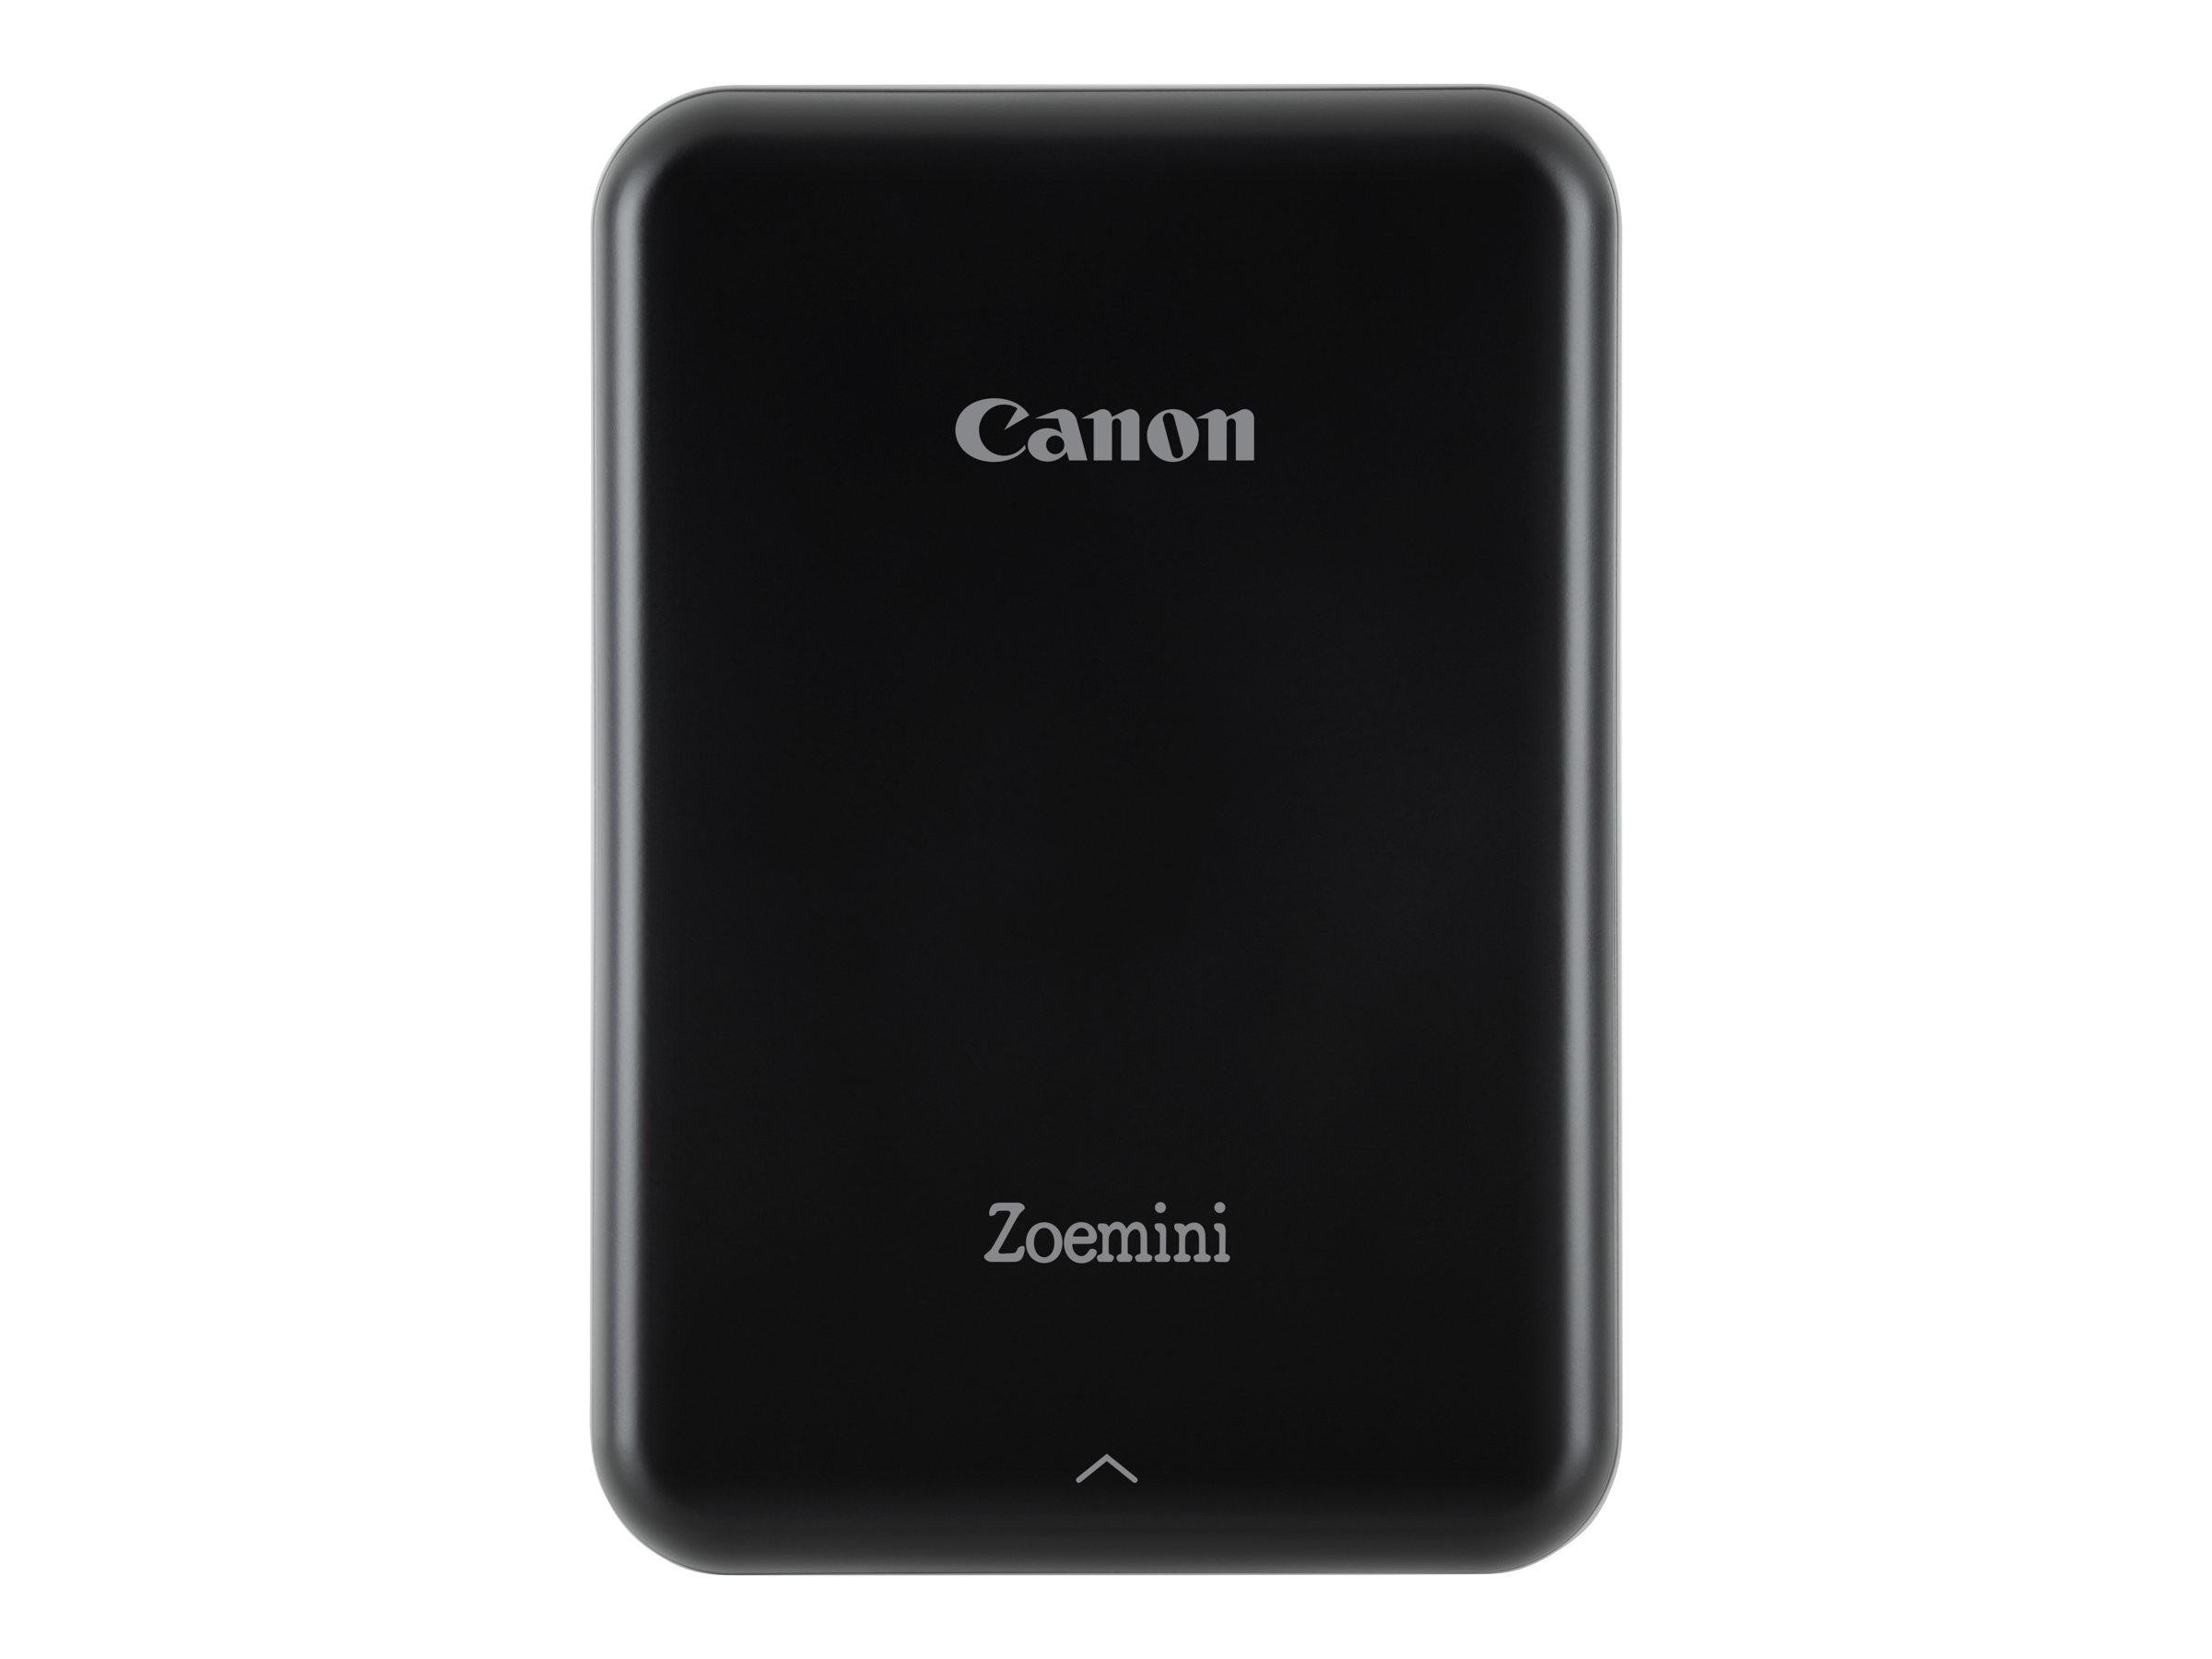 Canon Zoemini - Drucker - Farbe - Thermosublimation - 50.8 x 76.2 mm - 314 x 400 dpi - bis zu 0.83 Min./Seite (einfarbig)/